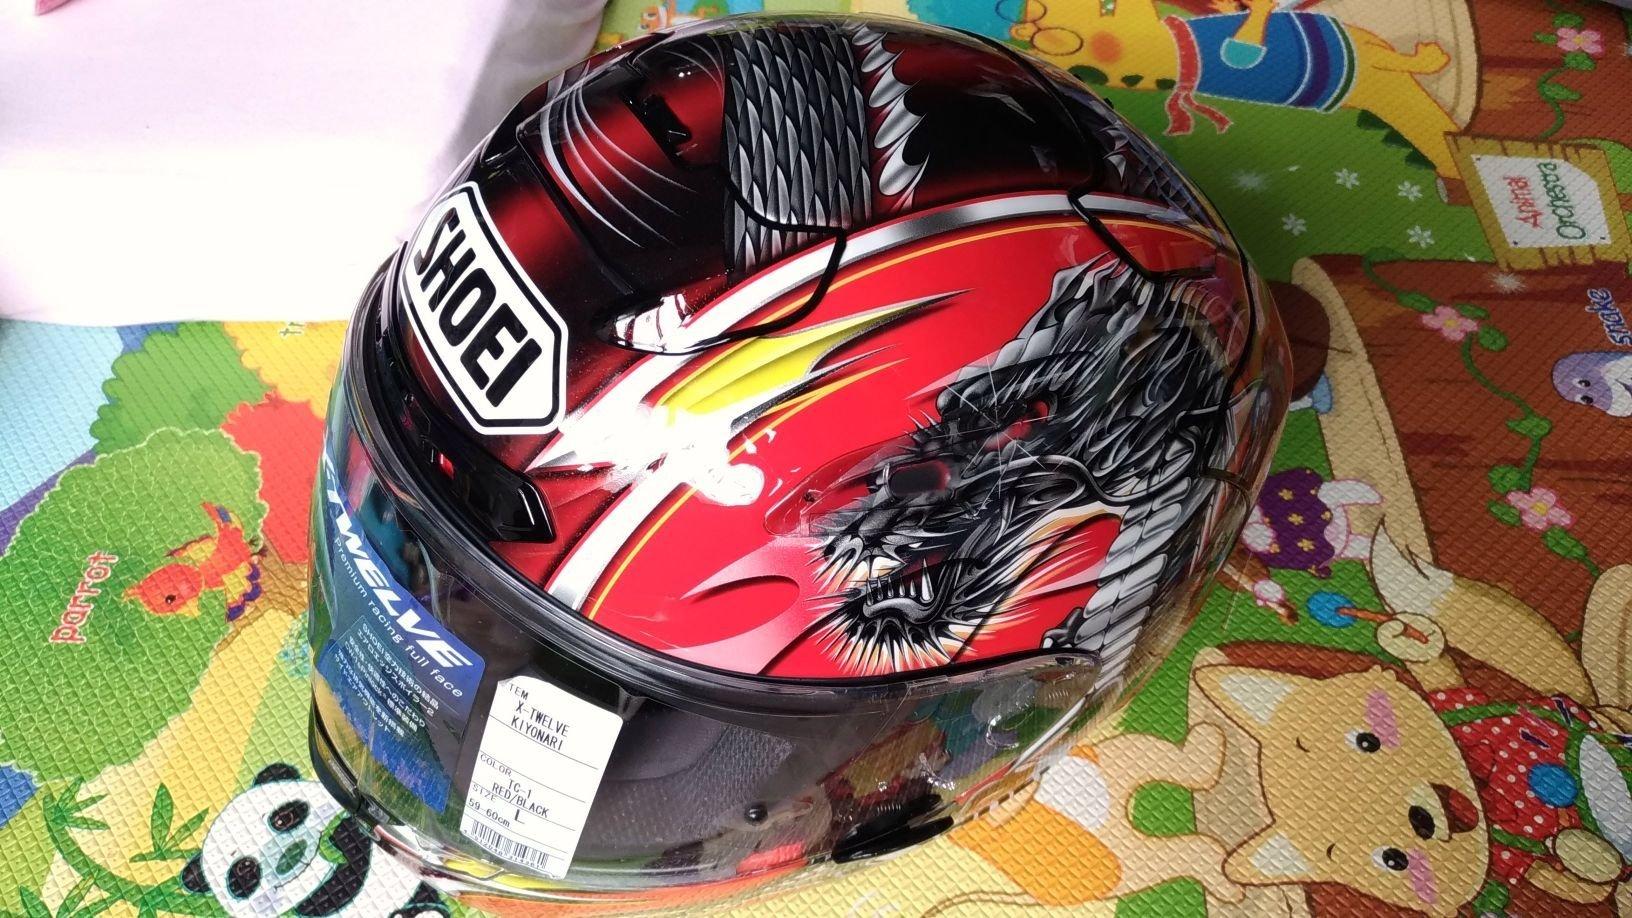 可分期 絕版帽 SHOEI Kiyonari清成龍一 X12 全罩式安全帽 X-12 非Arai X14 z7 rx7x agv shark k3 k5 k8